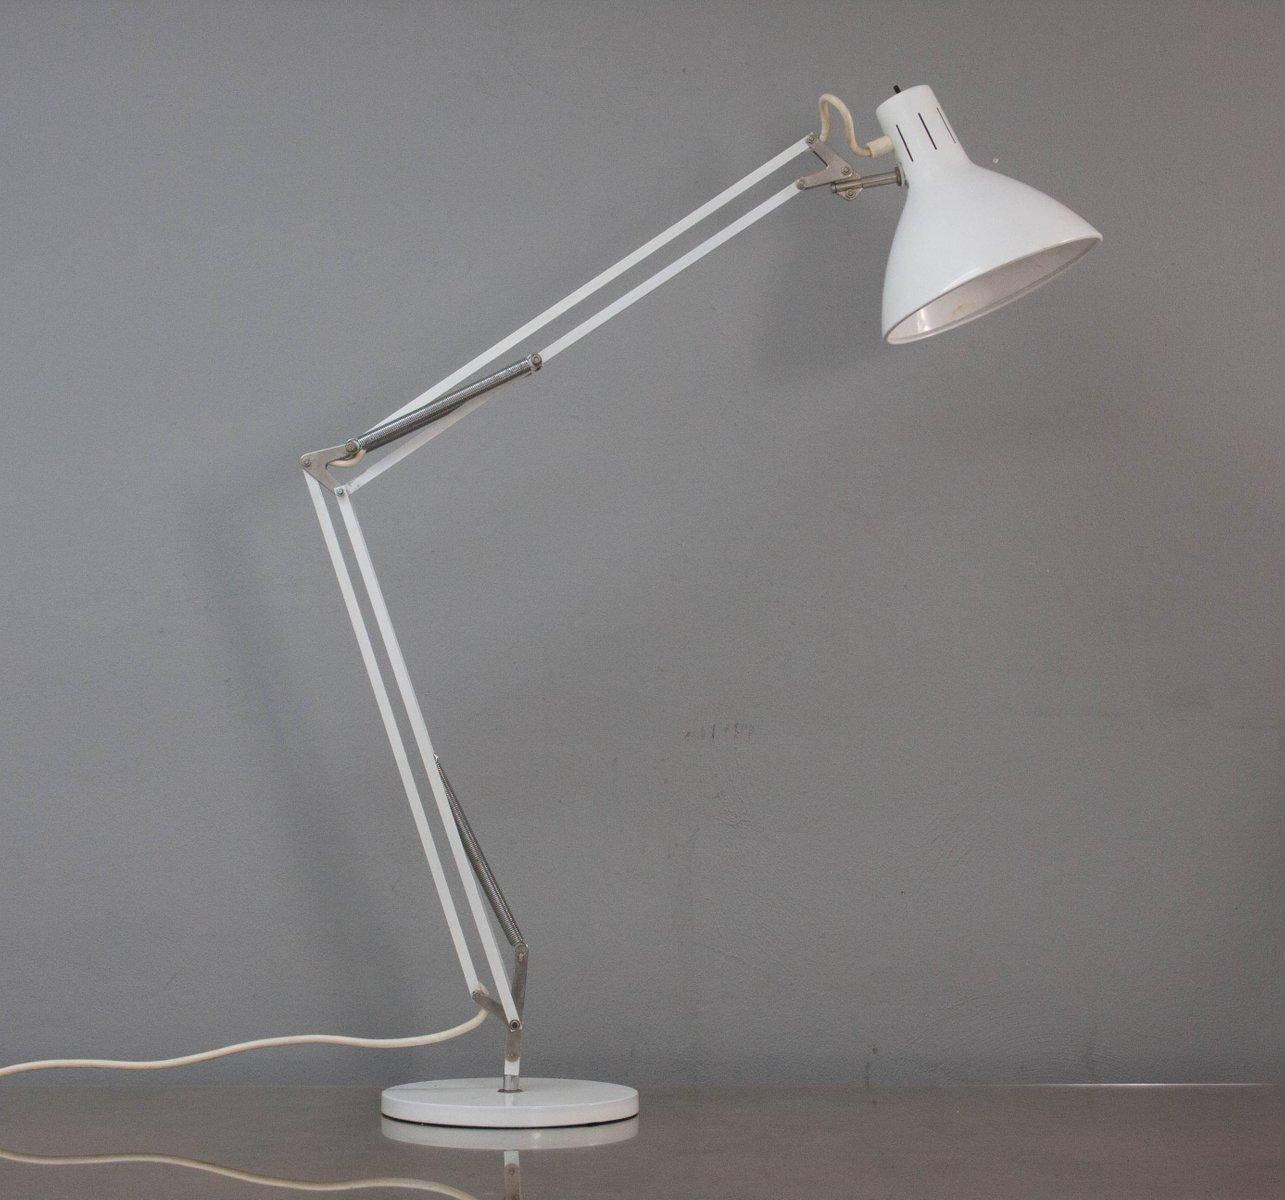 Modell Terry 2 Schreibtischlampe von H.Th.J.A. Busquet für Hala, 1950e...